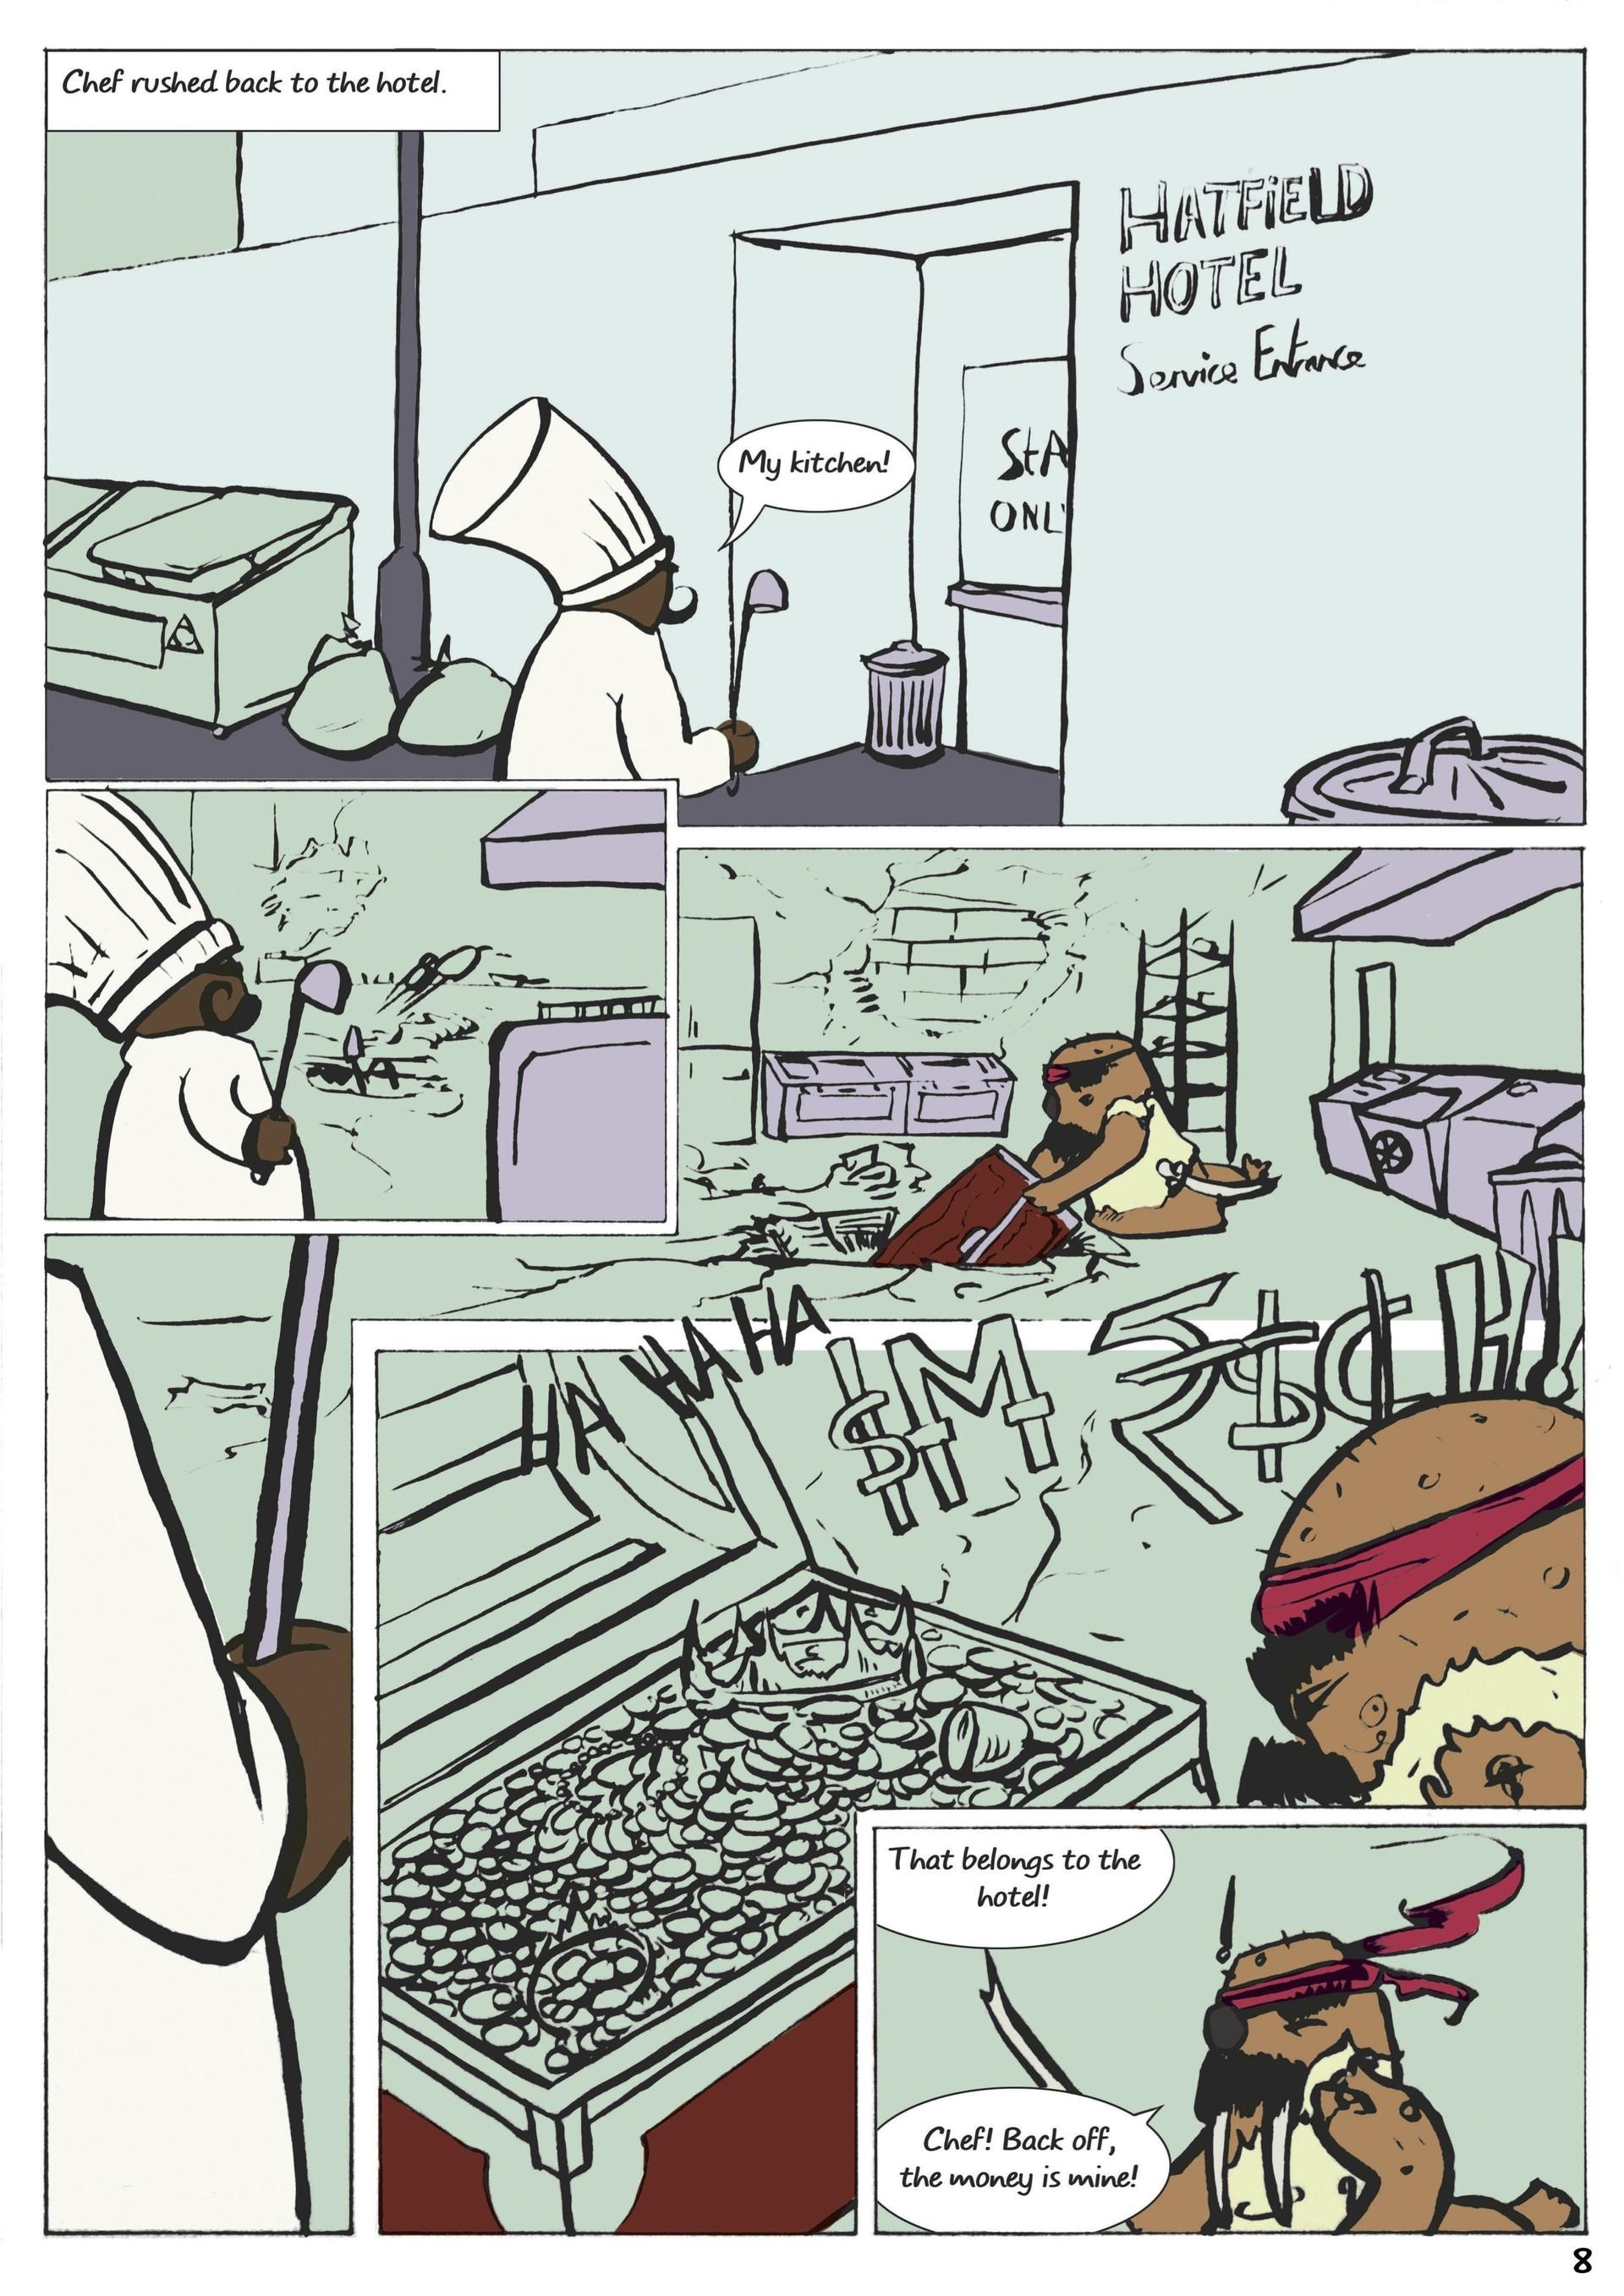 Oliver hopley comic 07 8